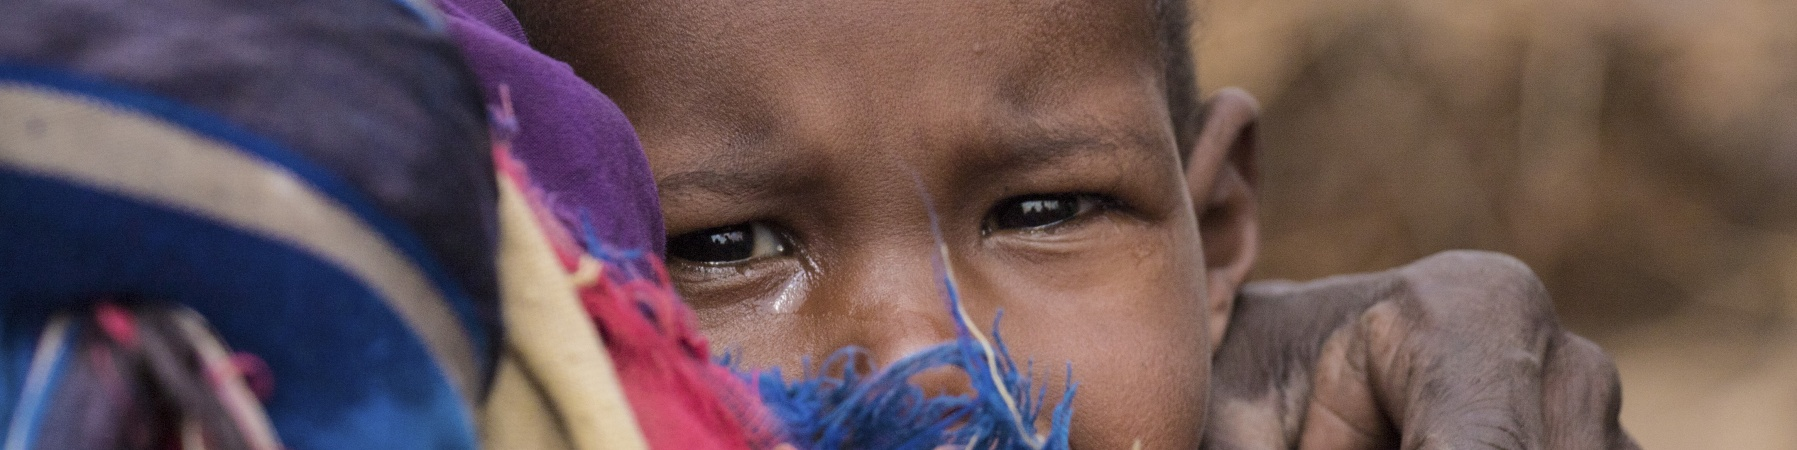 Ayan, Etiopia, tiene in braccio uno dei suoi sei figli